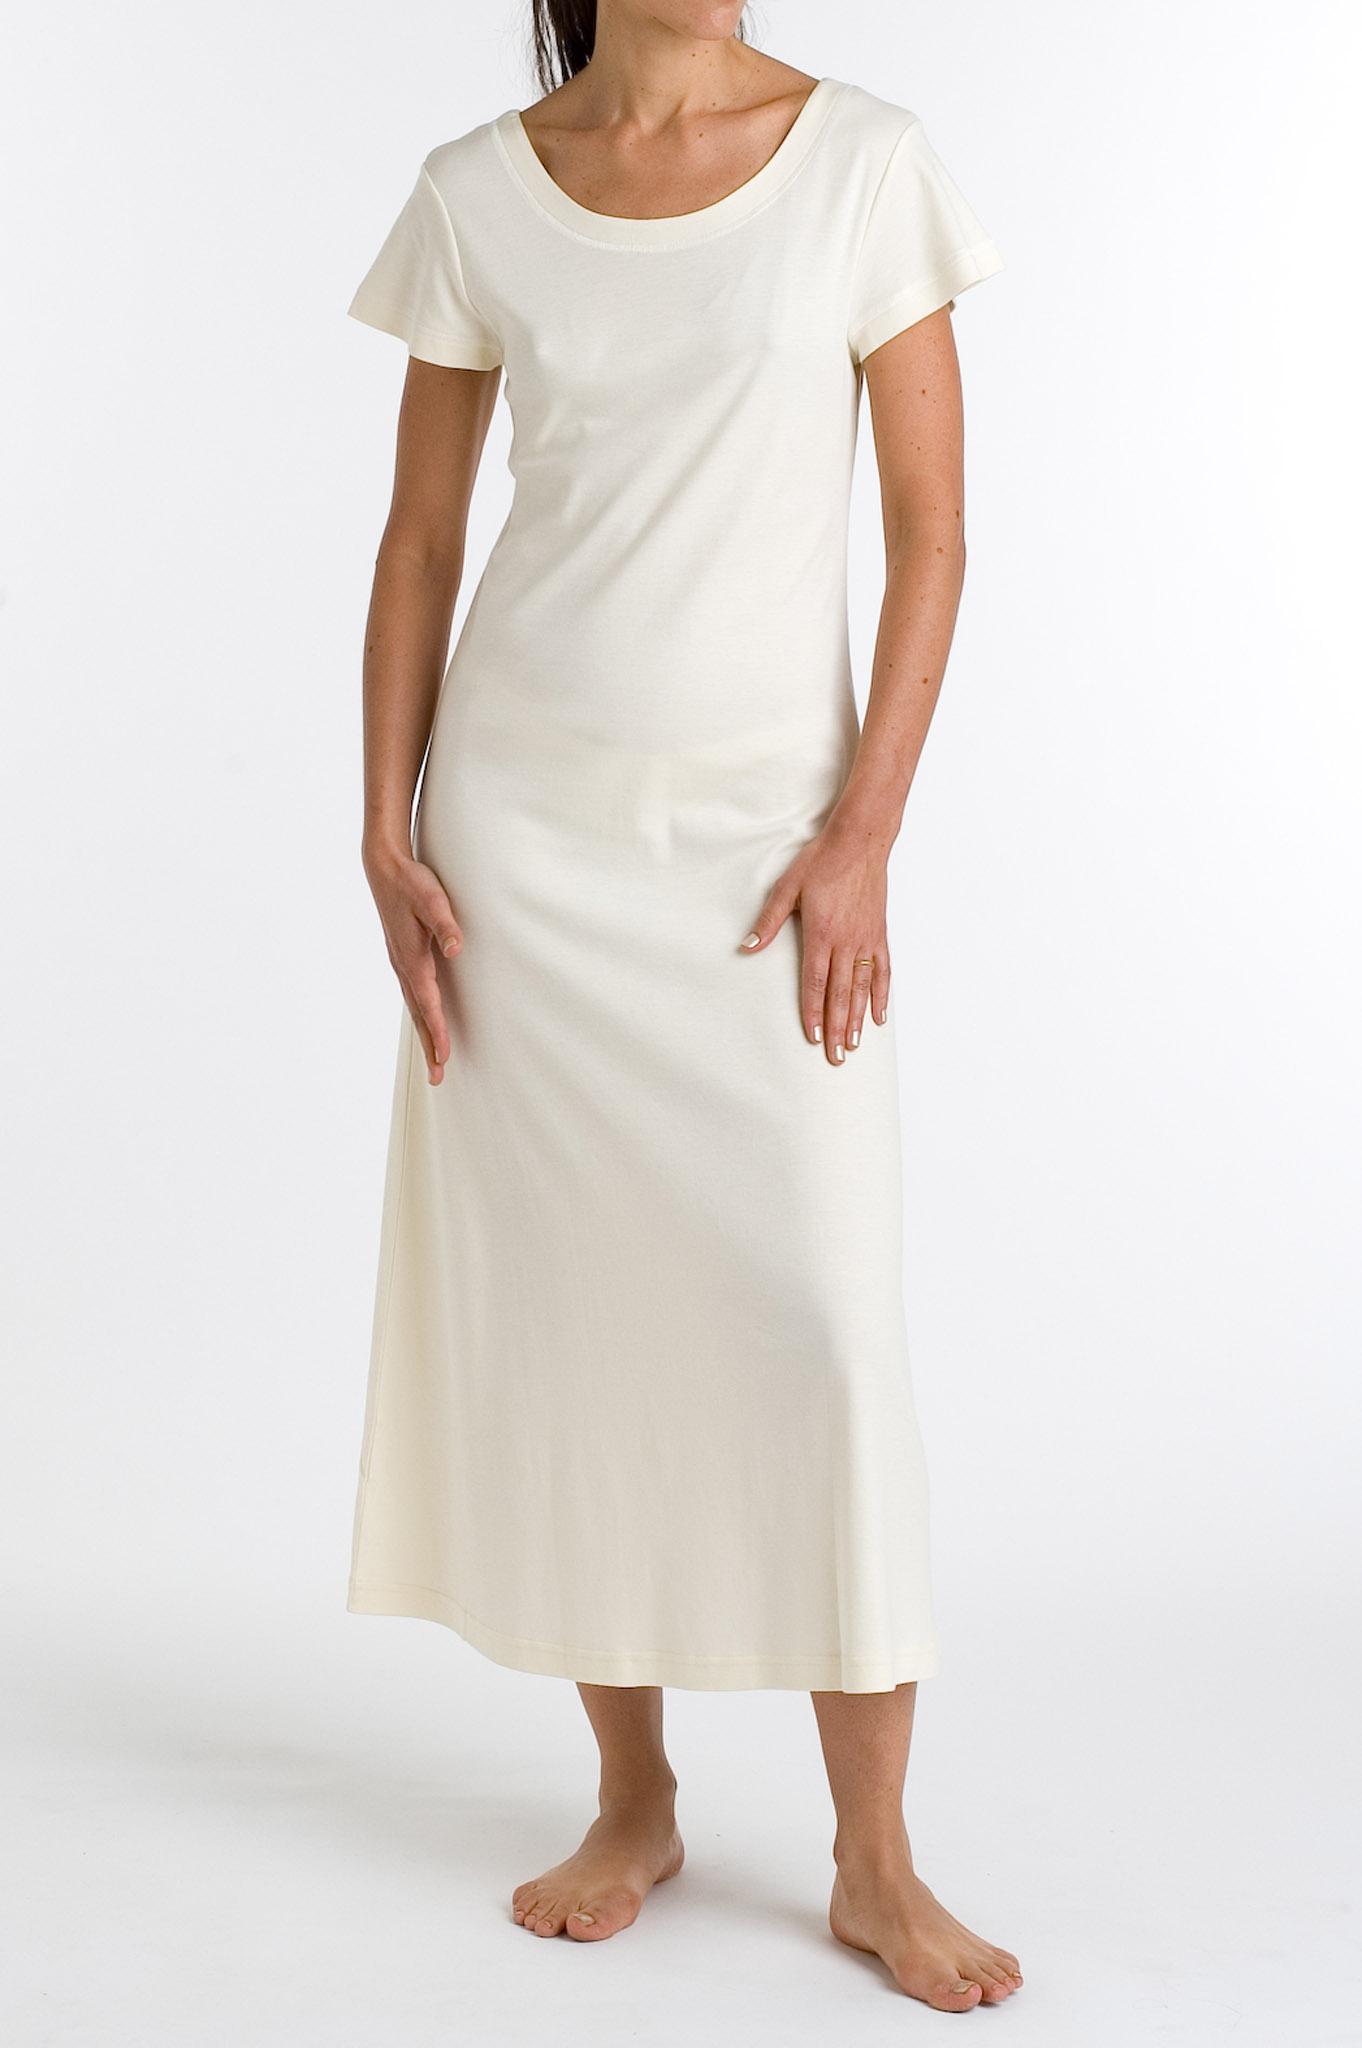 P.Jamas Butterknit Cap Sleeved Long Gown Yellow - S 375660